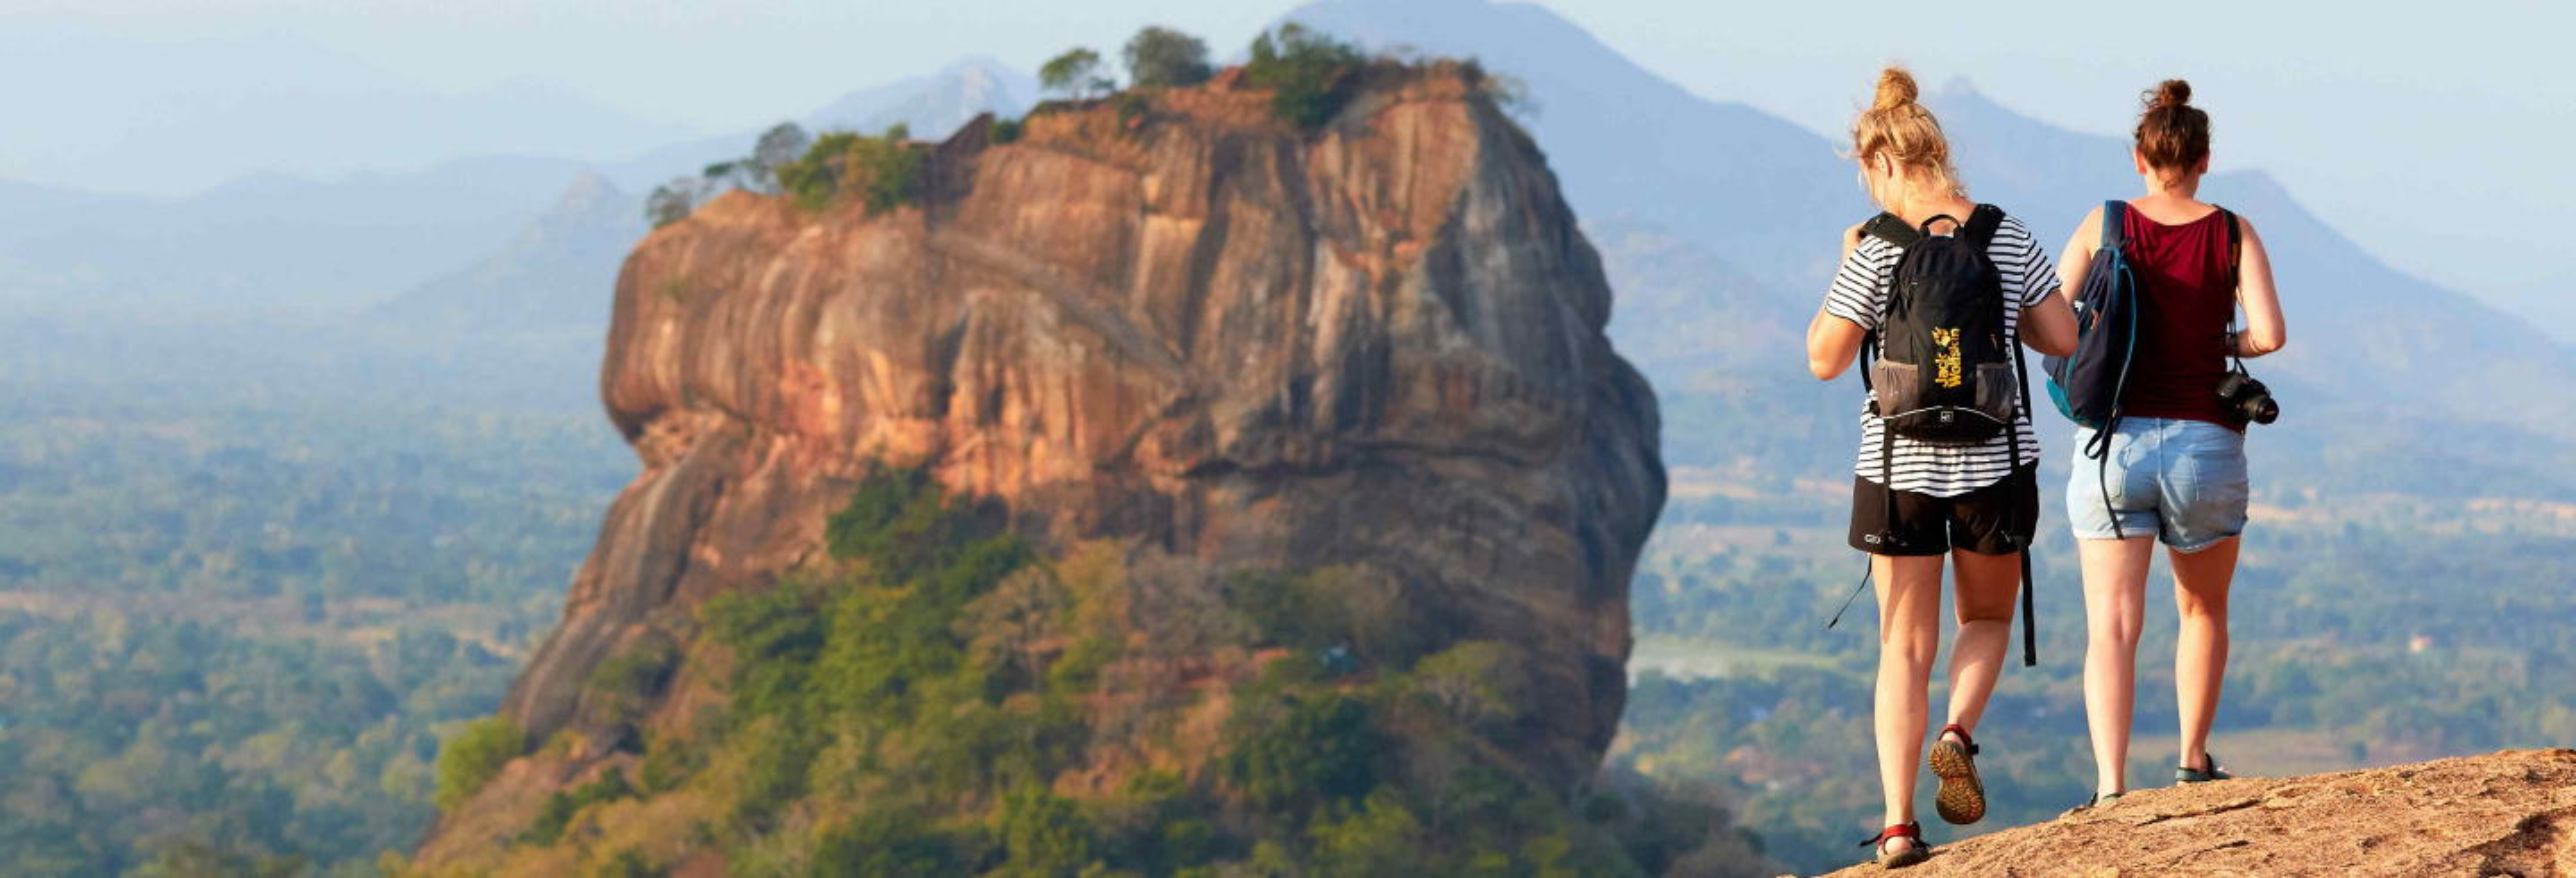 Tour privado por Pidurangala y la aldea Hiriwaduna